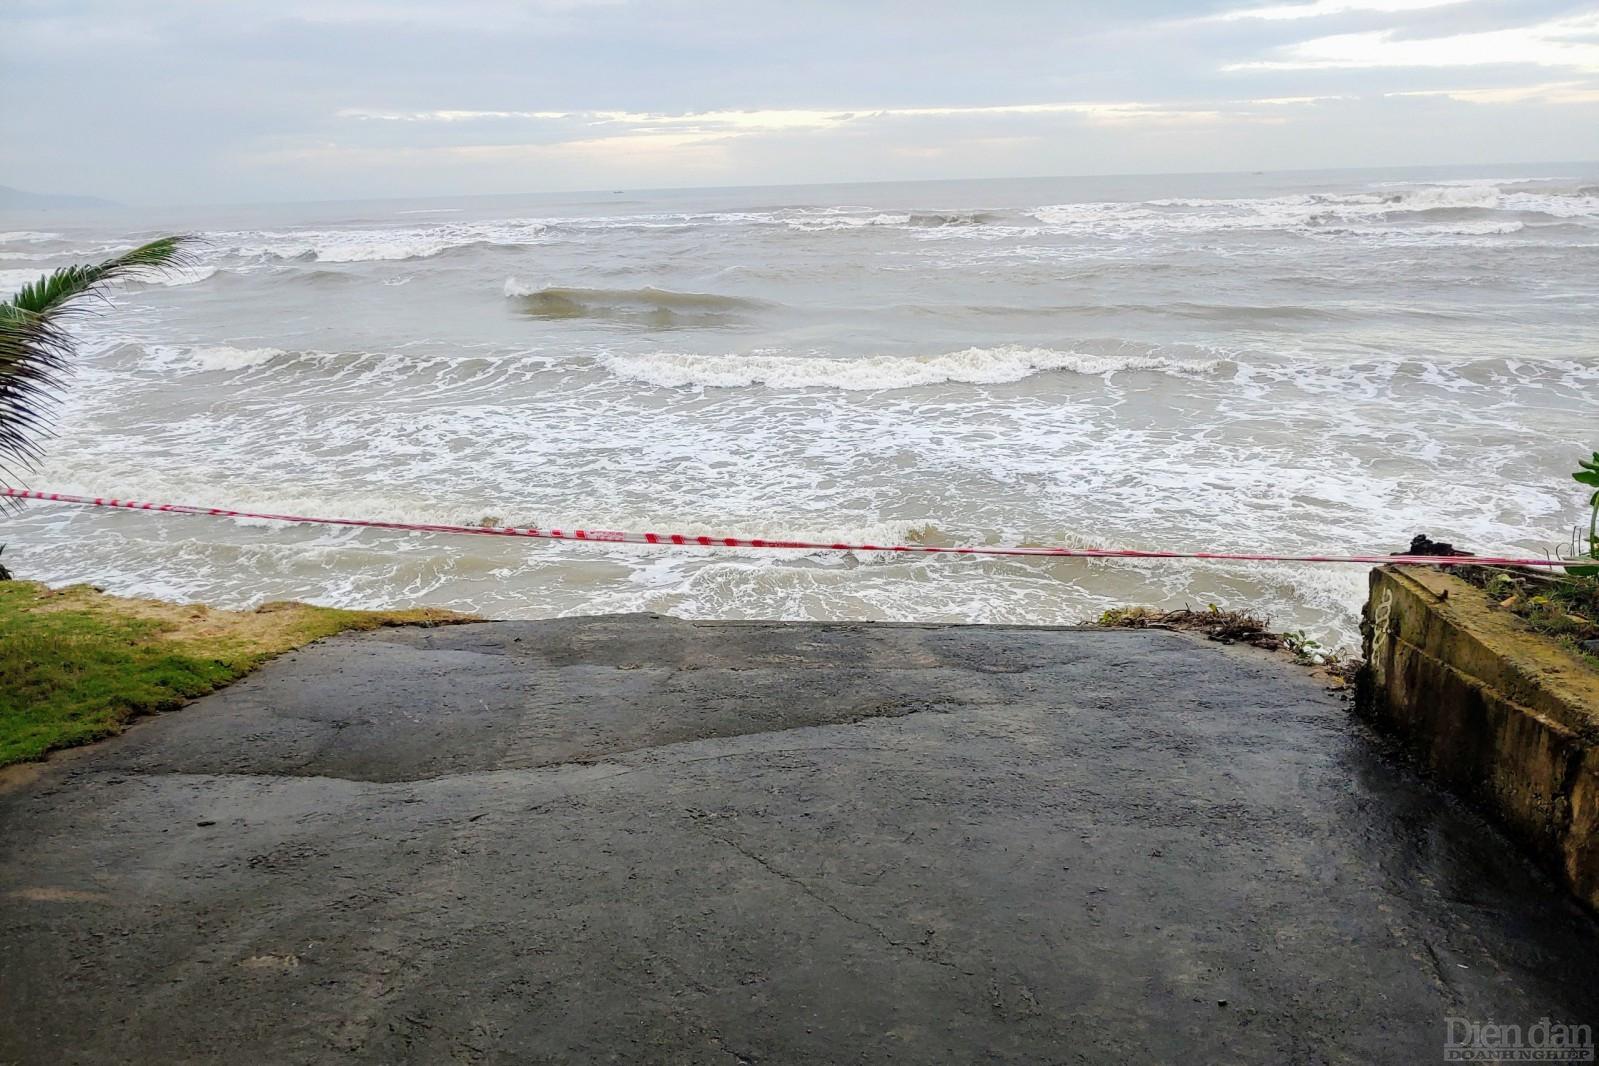 Lỗi xuống biển đã được giăng dây cảnh bỏ nguy hiểm,